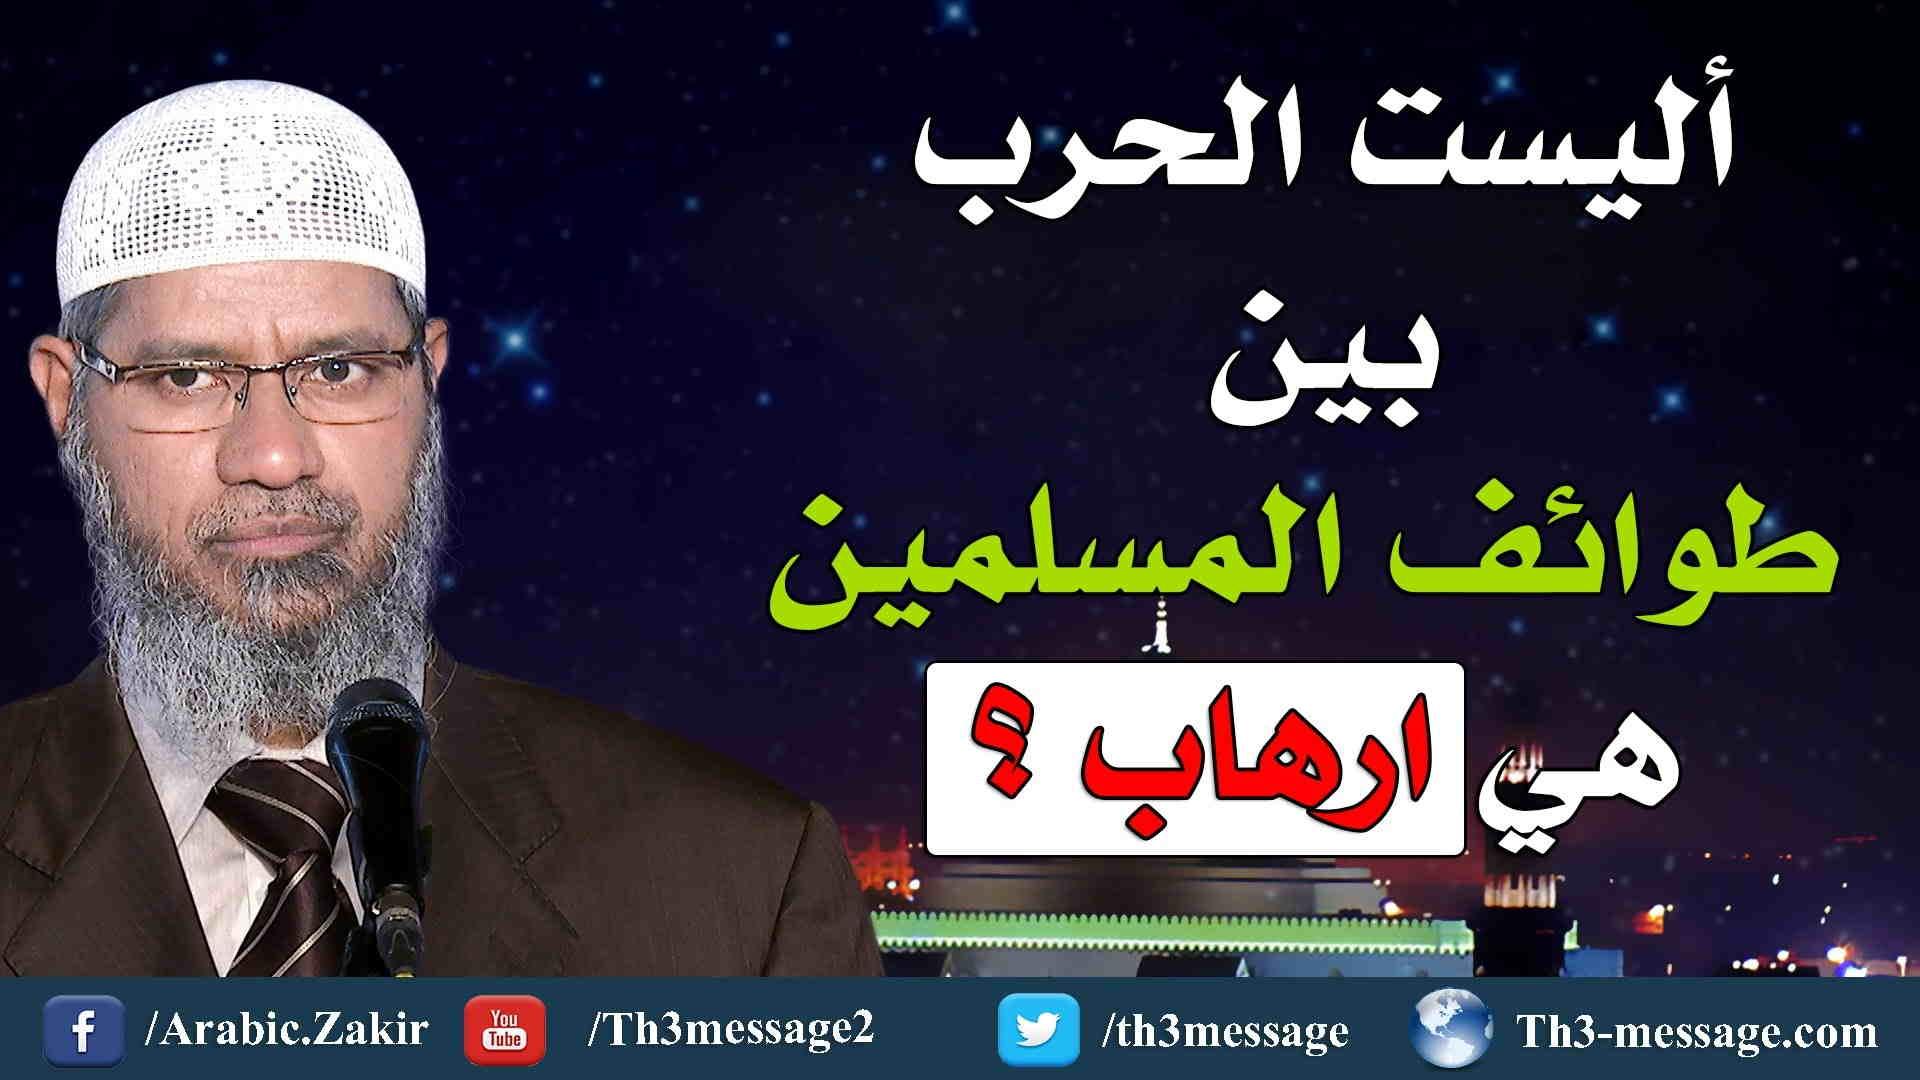 الحرب بين طوائف المسلمين الا تعد ارهاباً ؟ - ذاكر نايك Zakir Naik